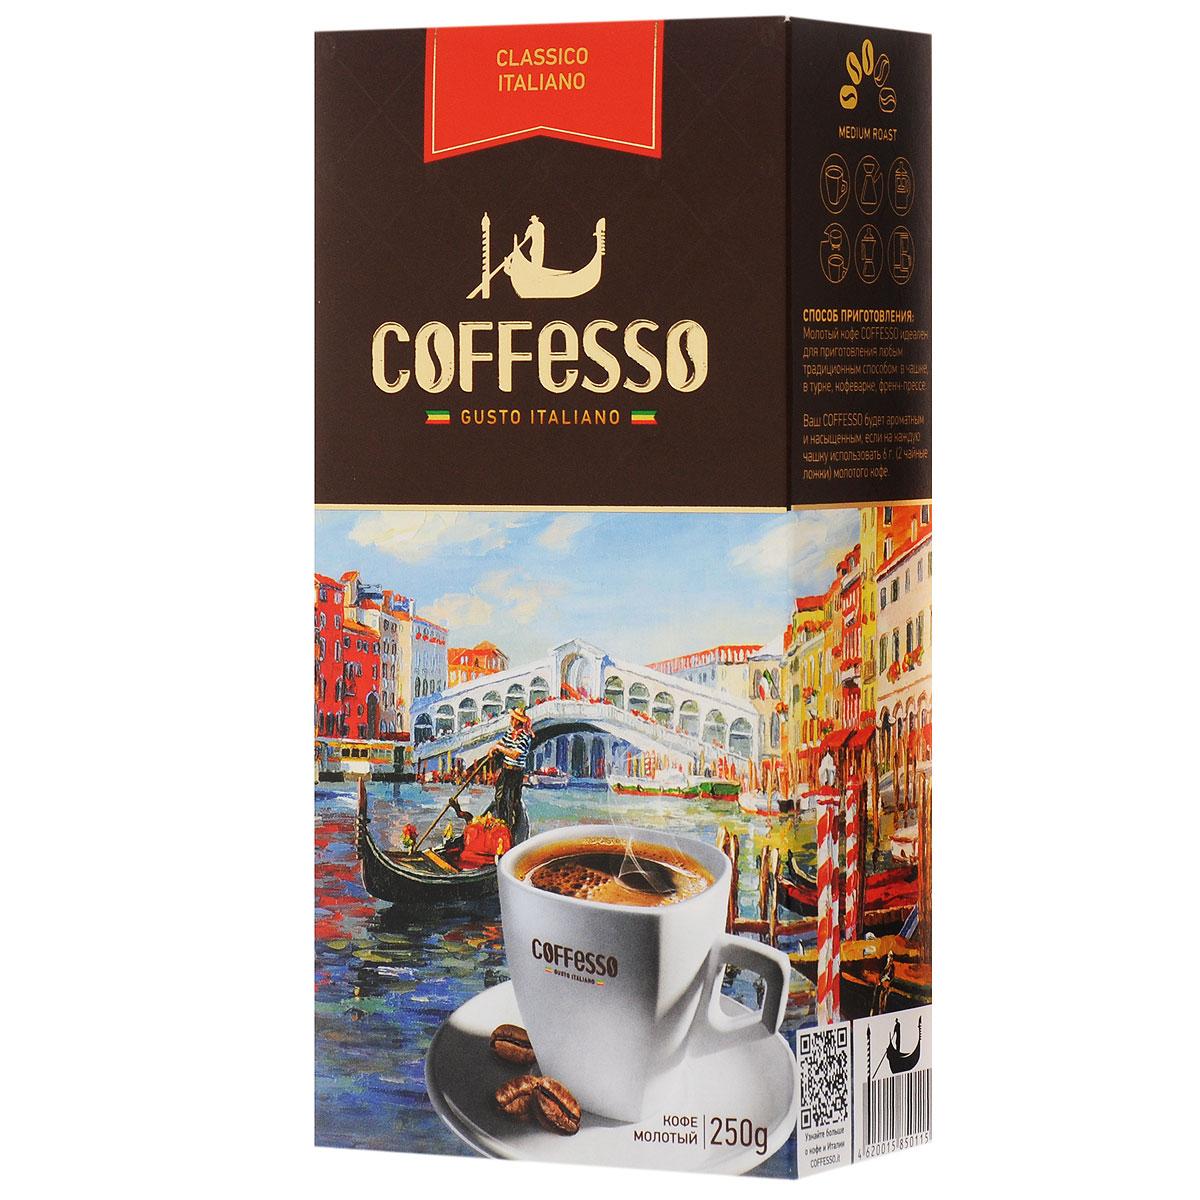 Coffesso Classico Italiano кофе молотый, 250 г5060300570110Coffesso Classico Italian - превосходный молотый кофе в сашетах. Искусно подобранные сорта арабики и робусты создают насыщенный многогранный вкус, который все больше раскрывается с каждым глотком.